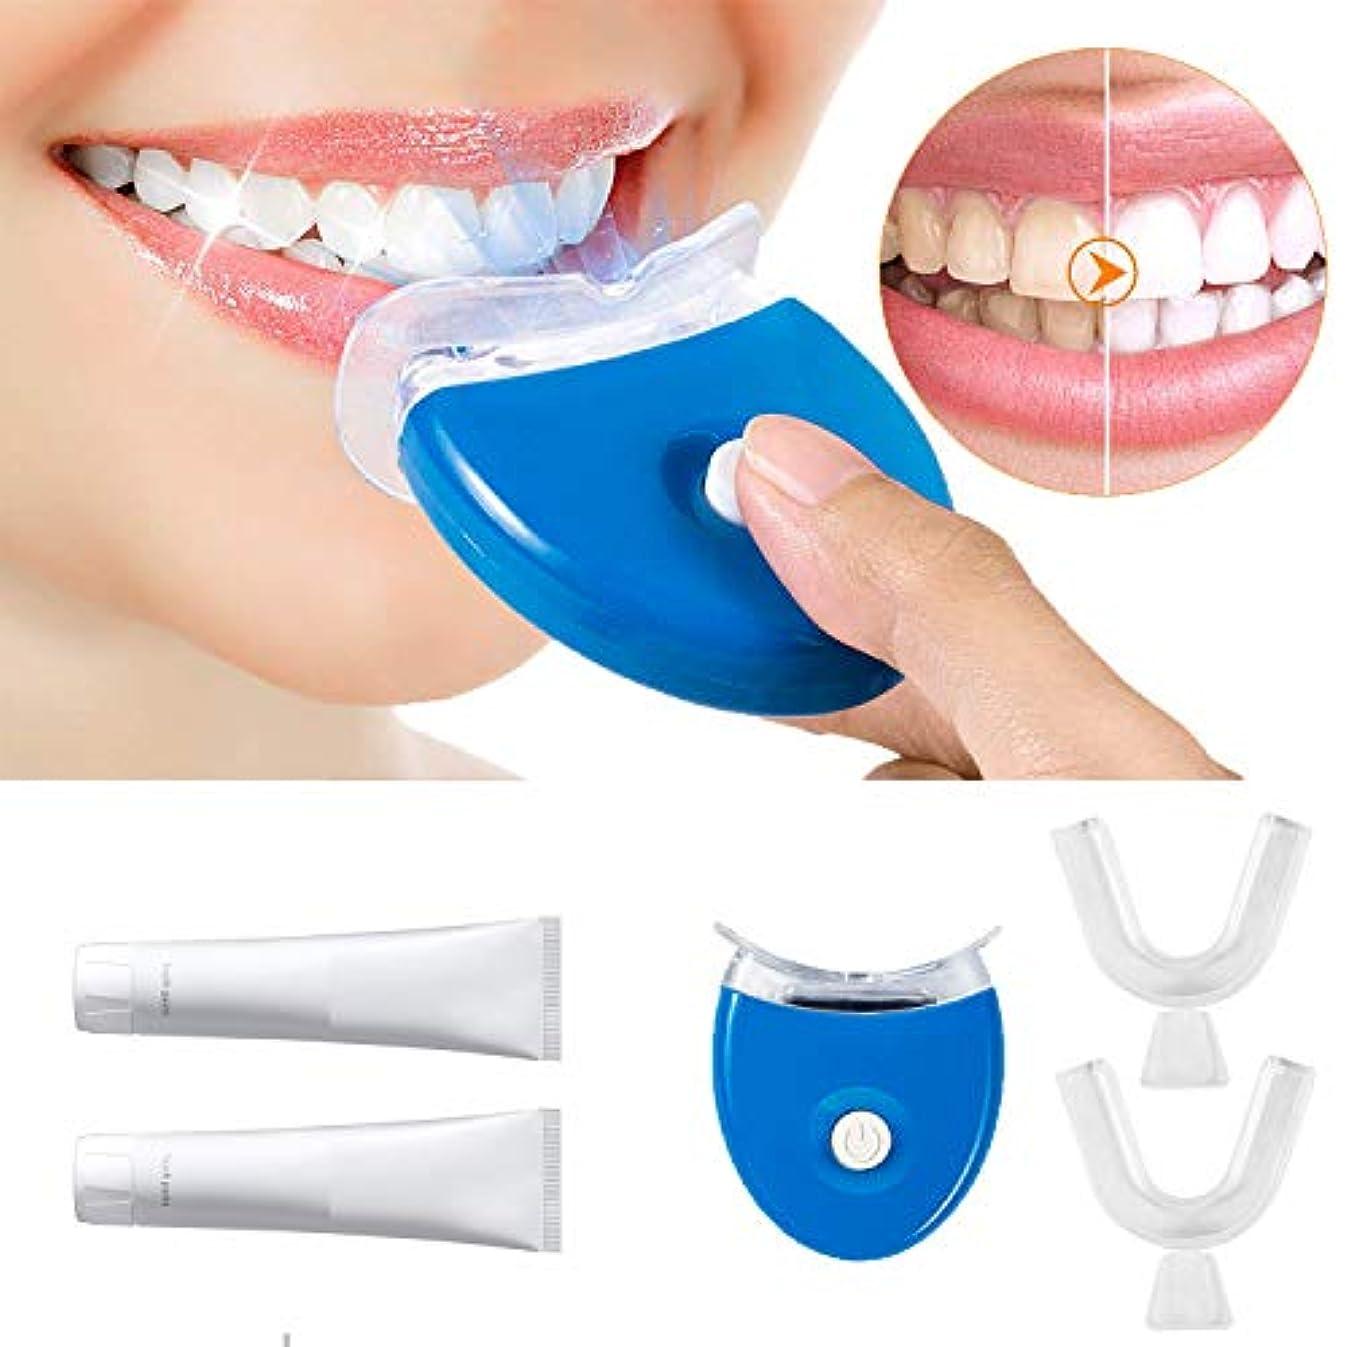 露骨な継続中縫い目ホワイトニング 歯ホワイトニング器 歯美白器 美歯器 歯 ホワイトニング ホワイトナー ケア 歯の消しゴム 歯科機器 口腔ゲルキット ブルー